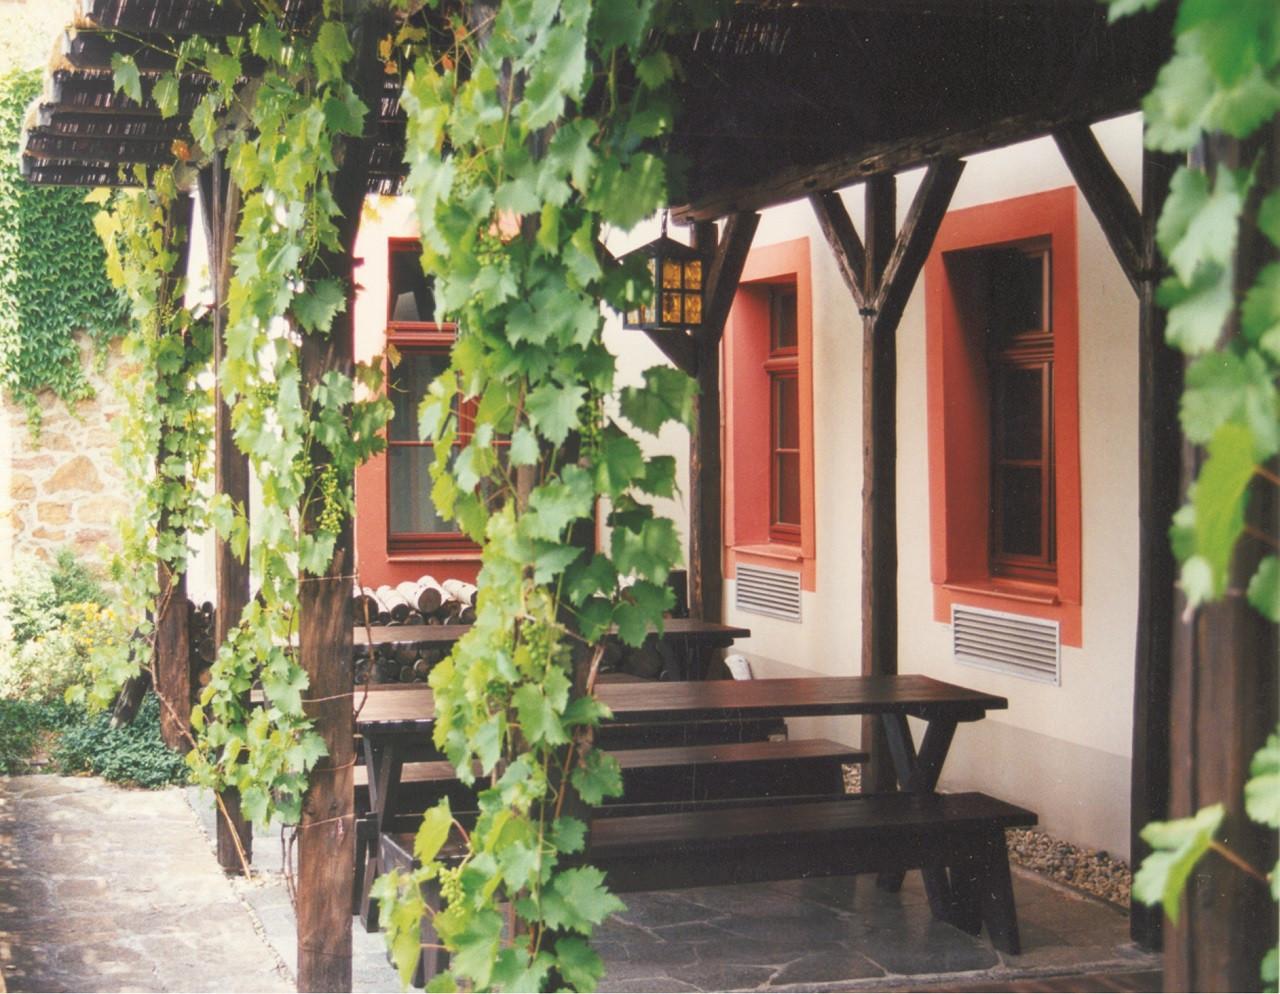 Der urige Biergarten im Mönchshof zu Bautzen bietet bis zu 50 Personen Platz.